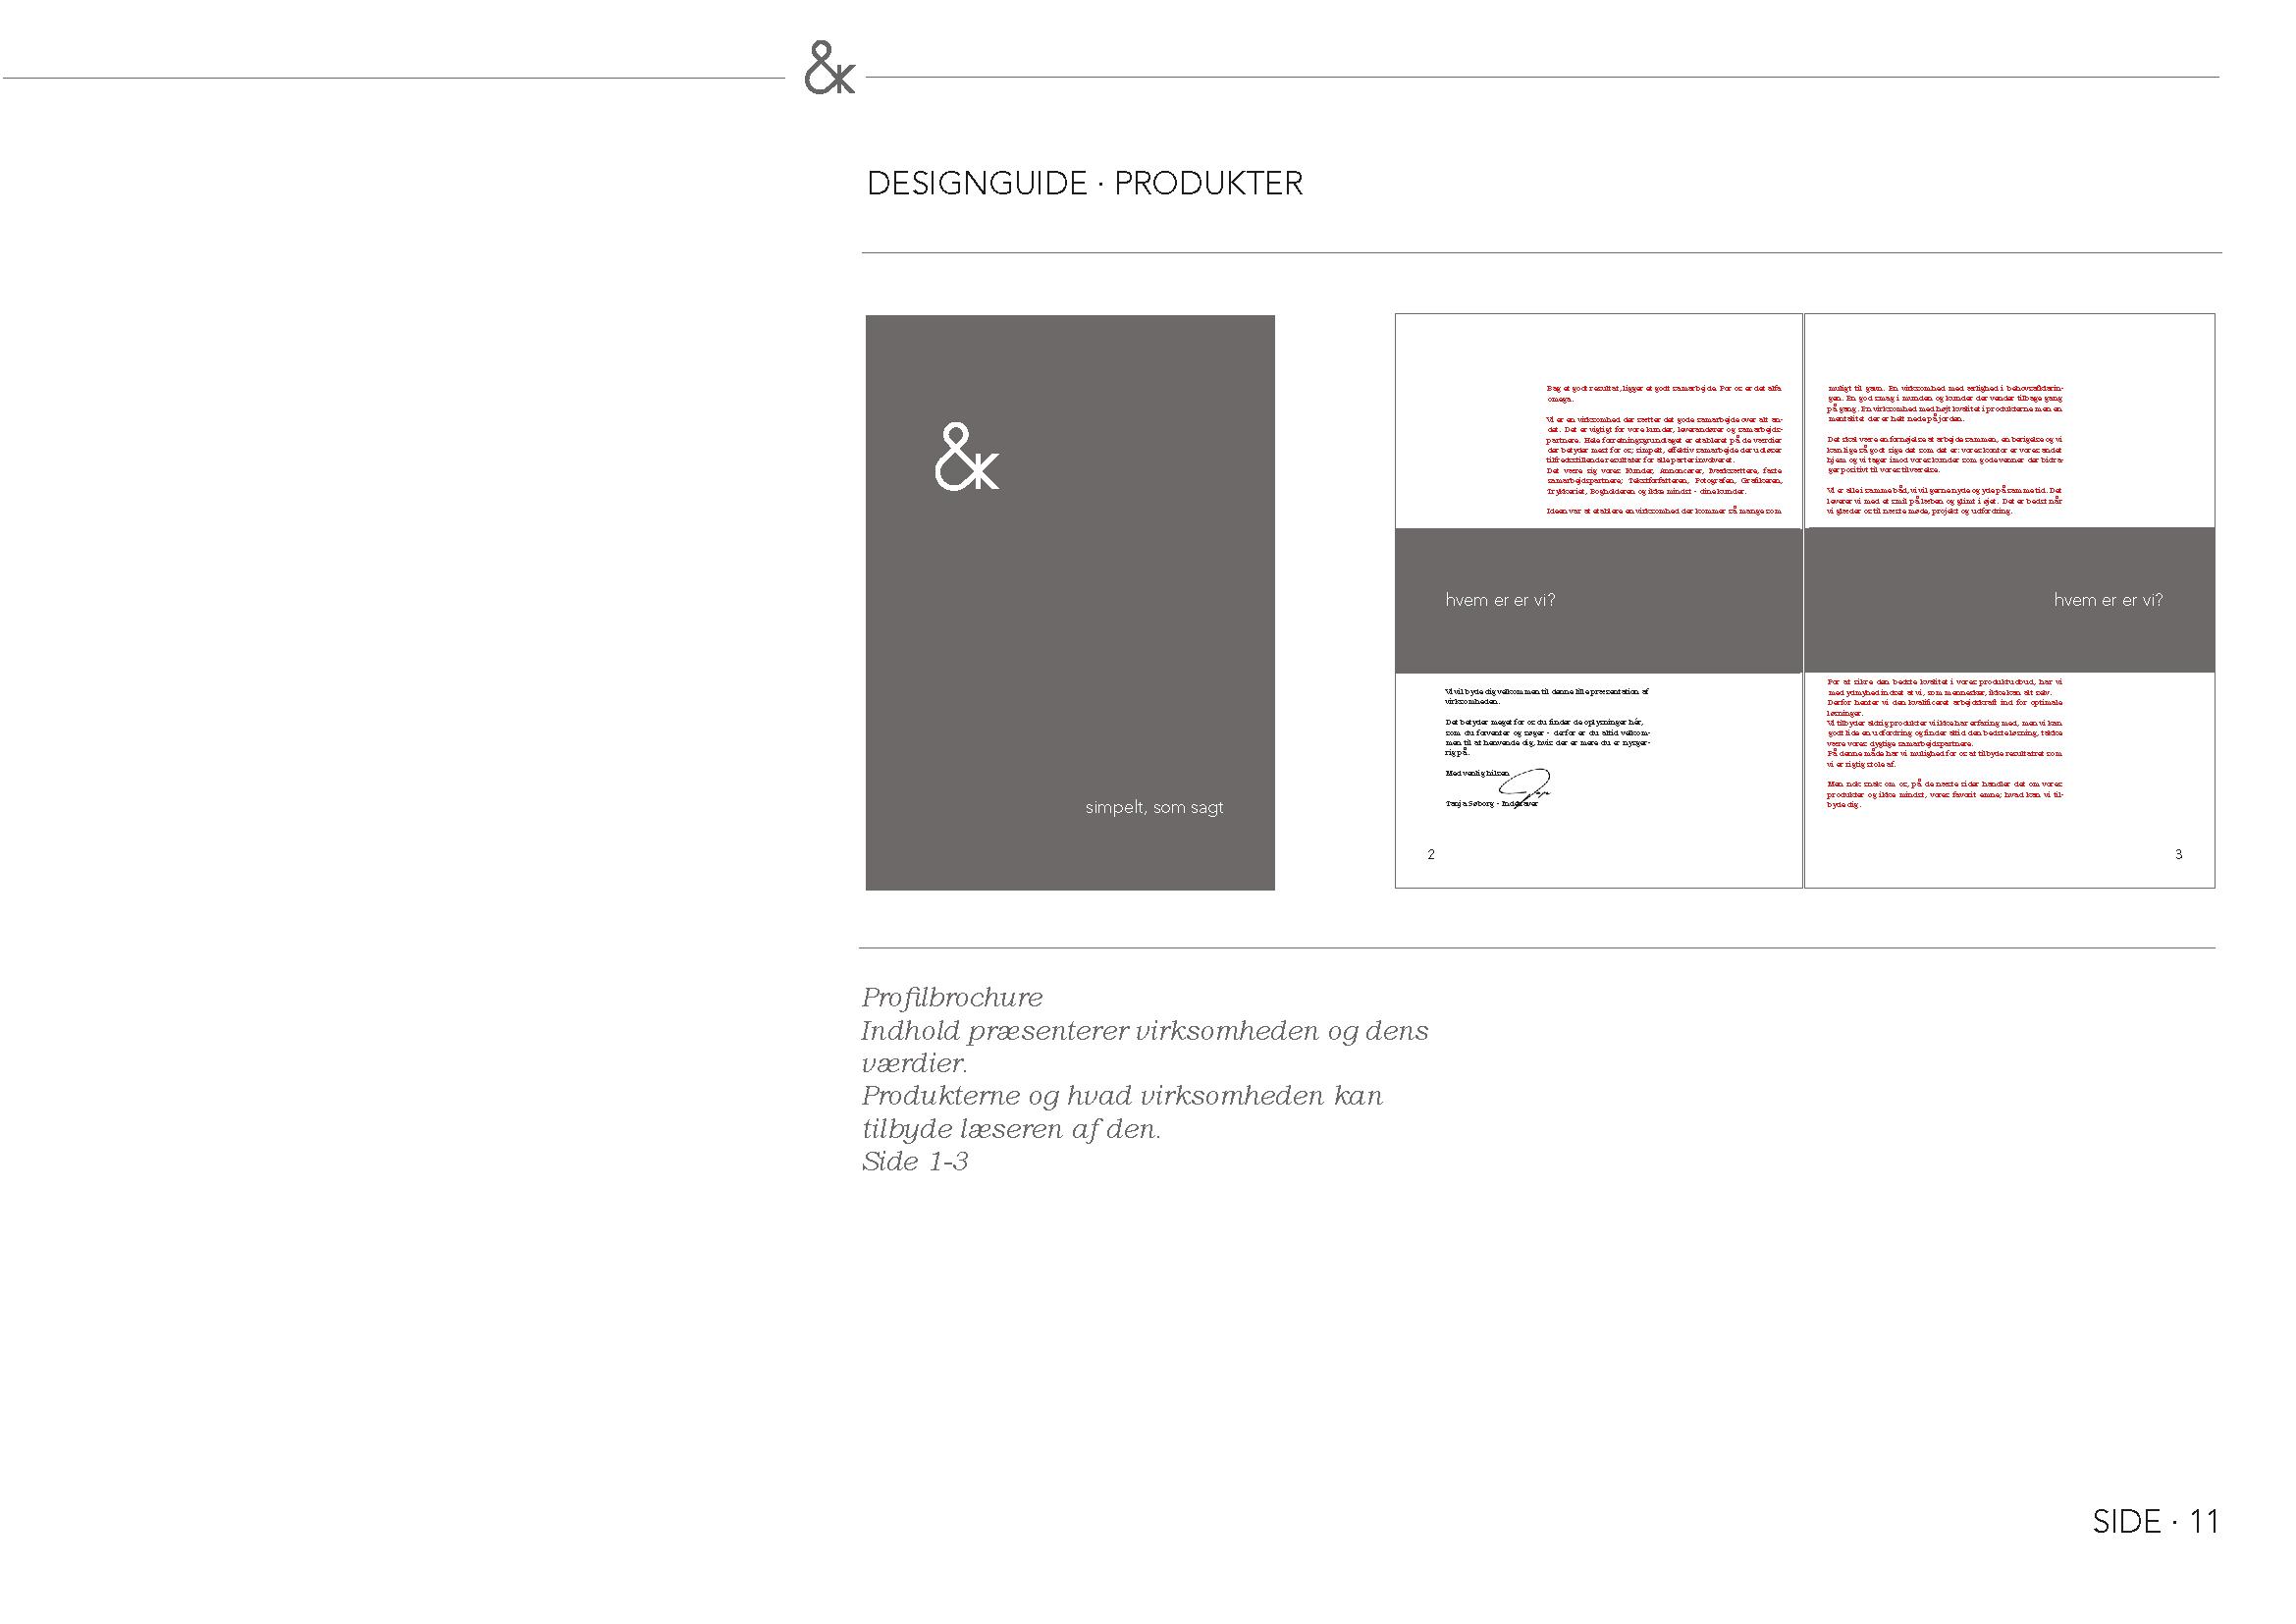 Designguide_Side_11.png